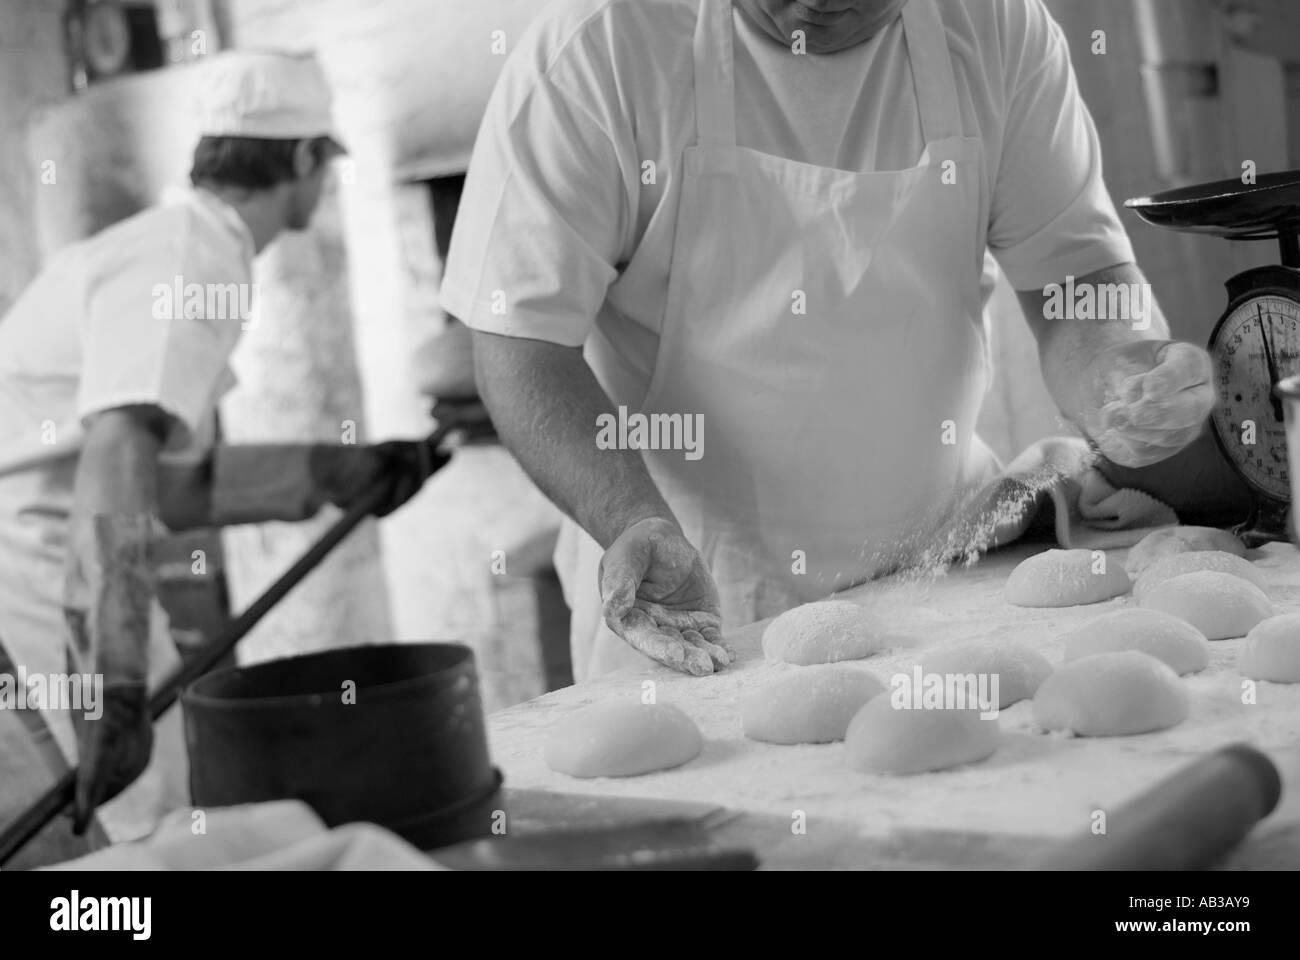 artisan bread making - Stock Image